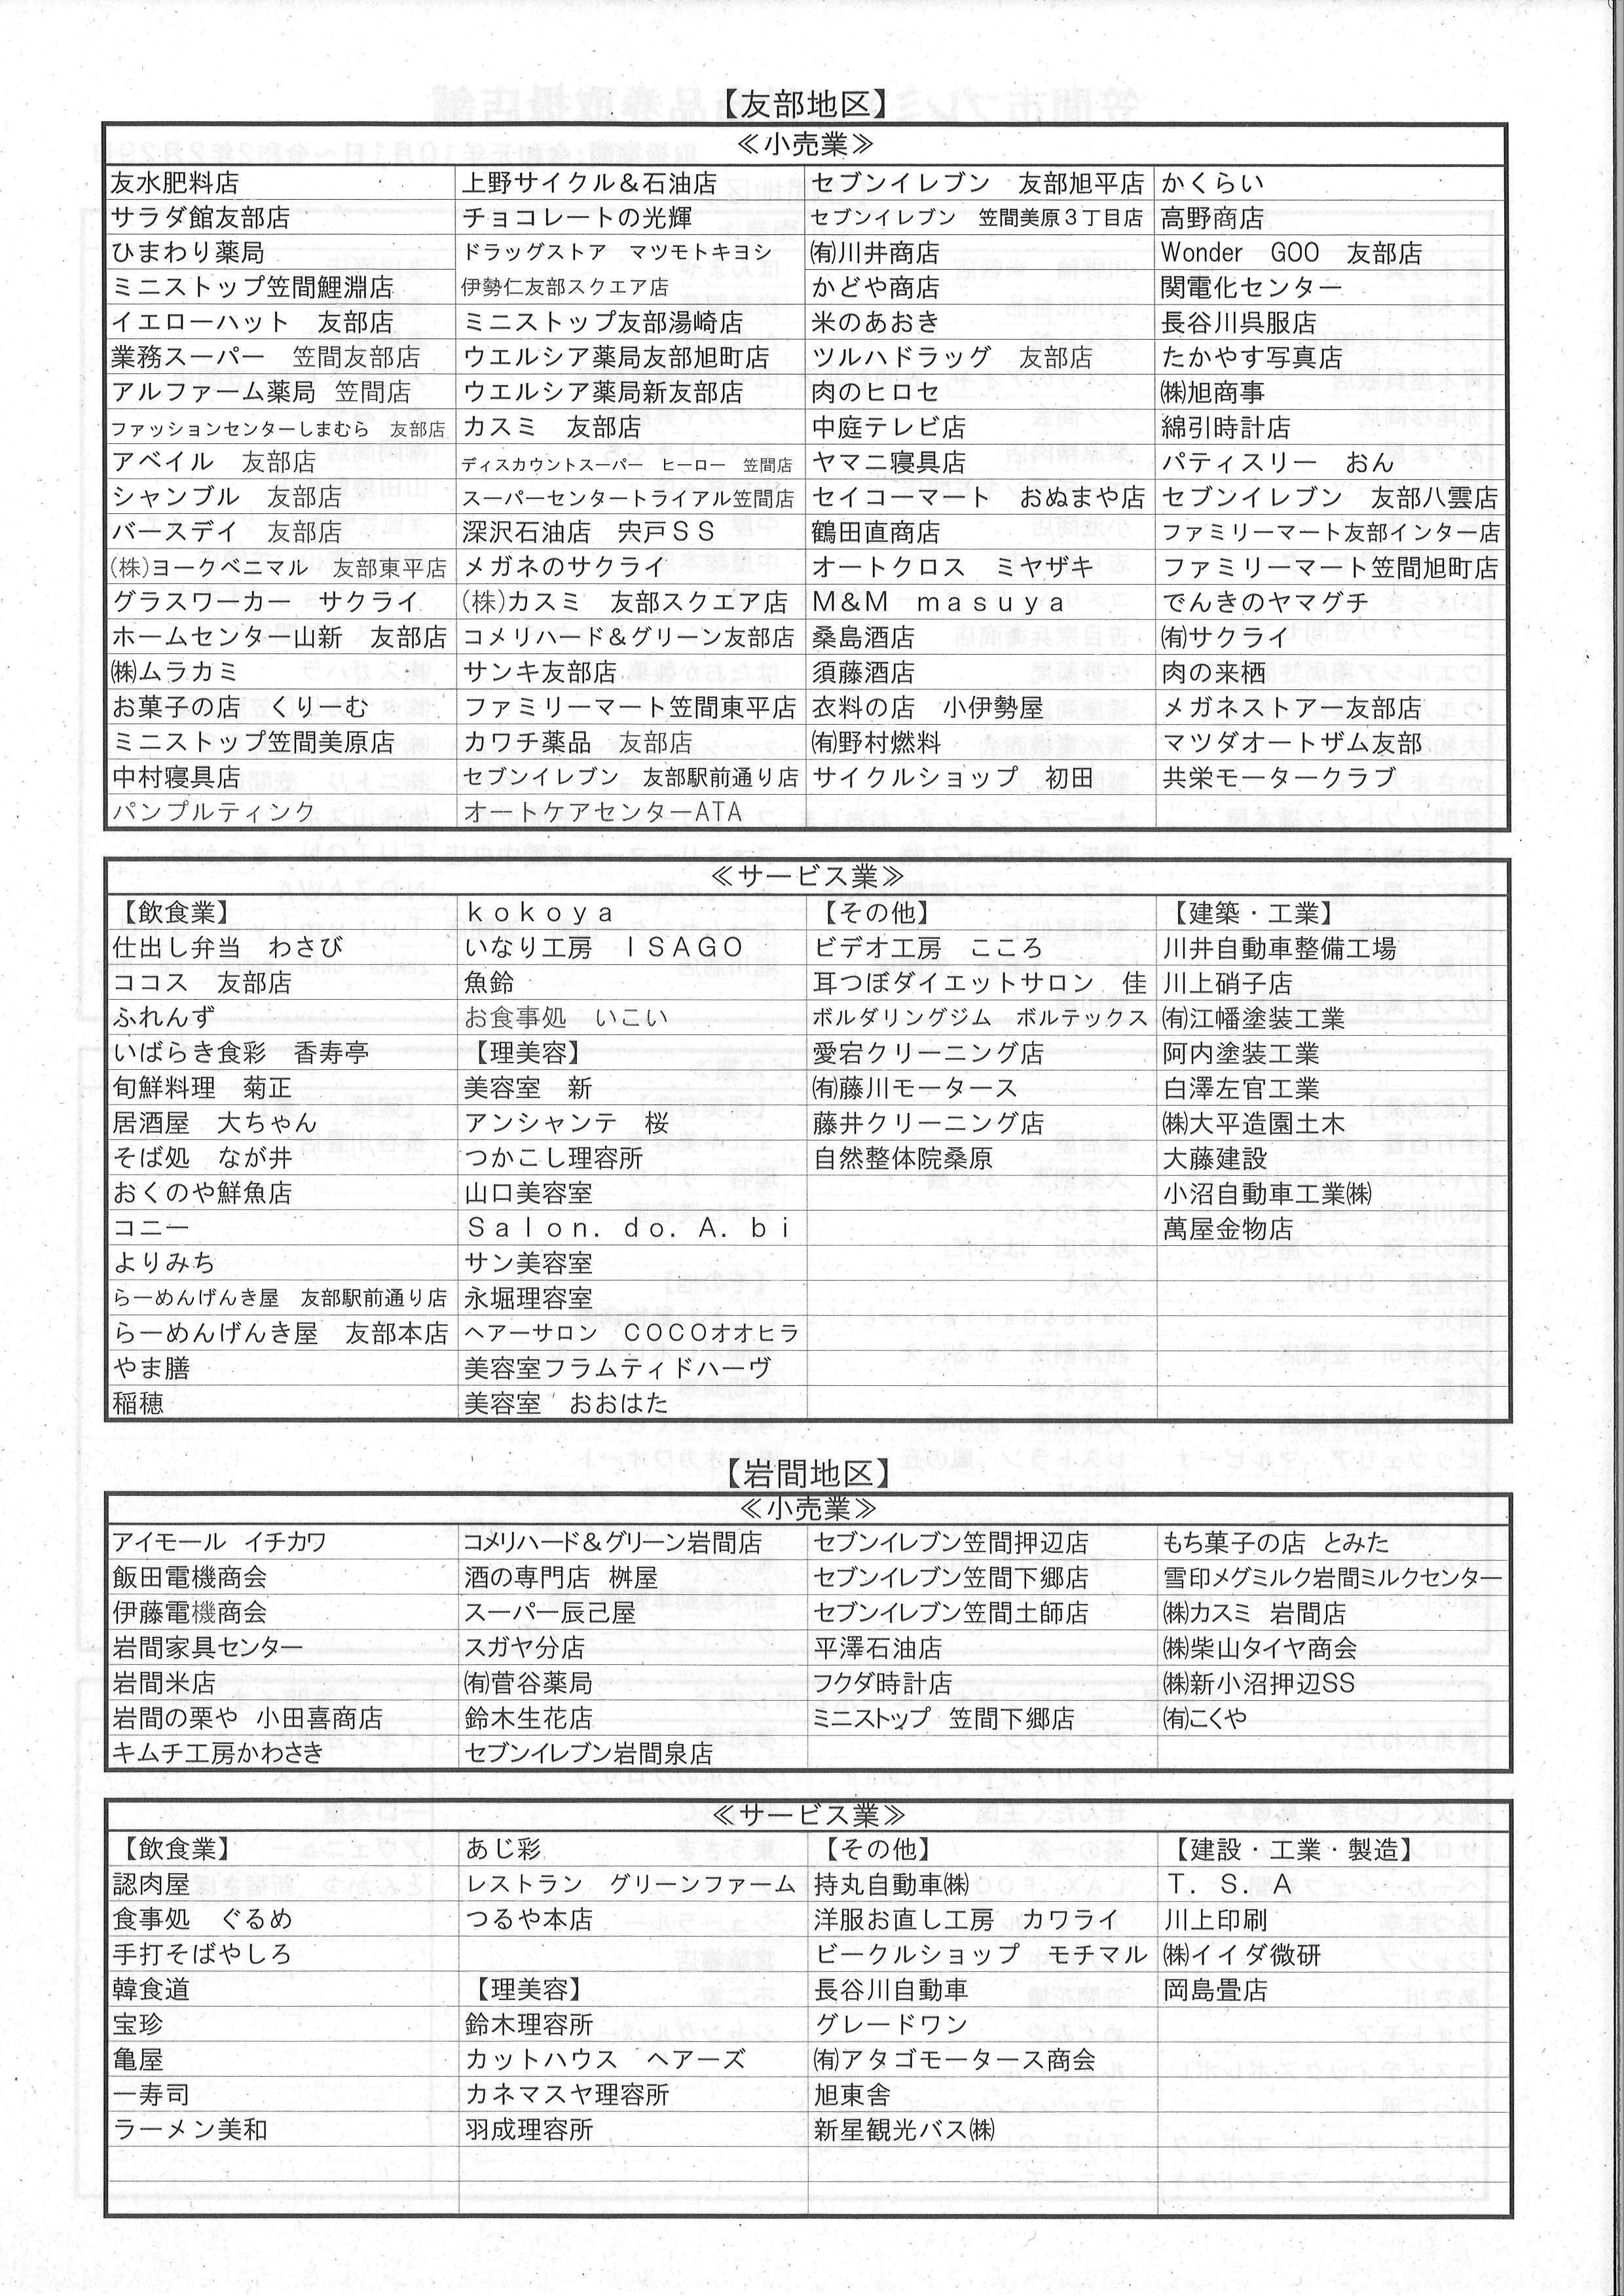 『笠間市プレミアム付商品券取扱店舗(友部・岩間地区)』の画像